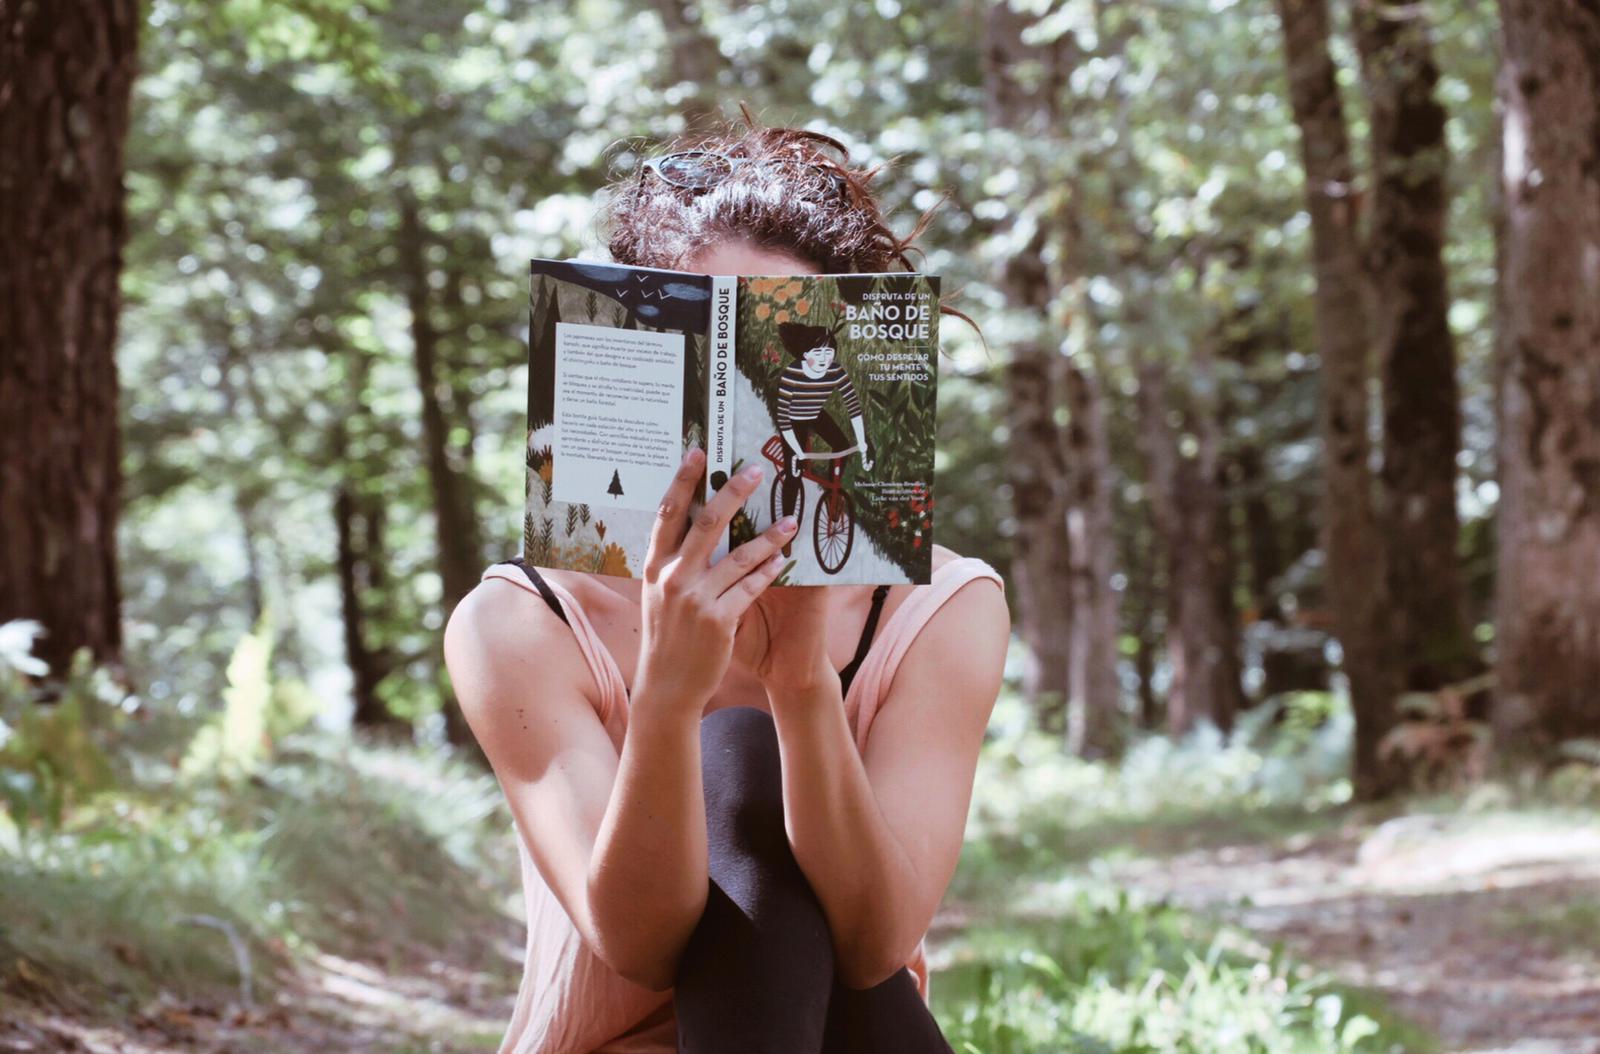 baños de bosque - qué son (6)